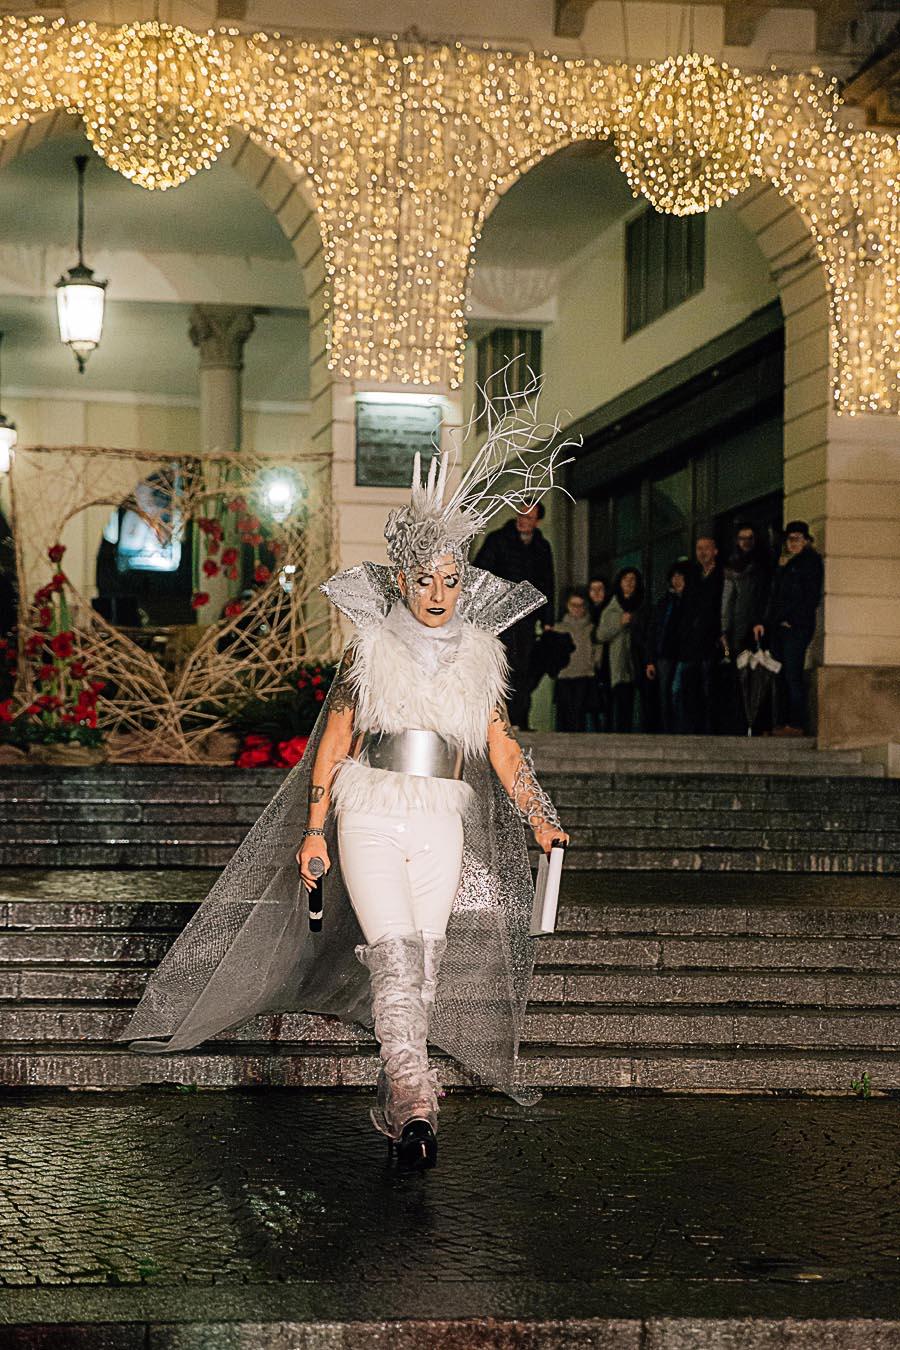 Renato Zanette fotografo per eventi storytelling Cipria Show no alla violenza sulle donne Marzia Breda